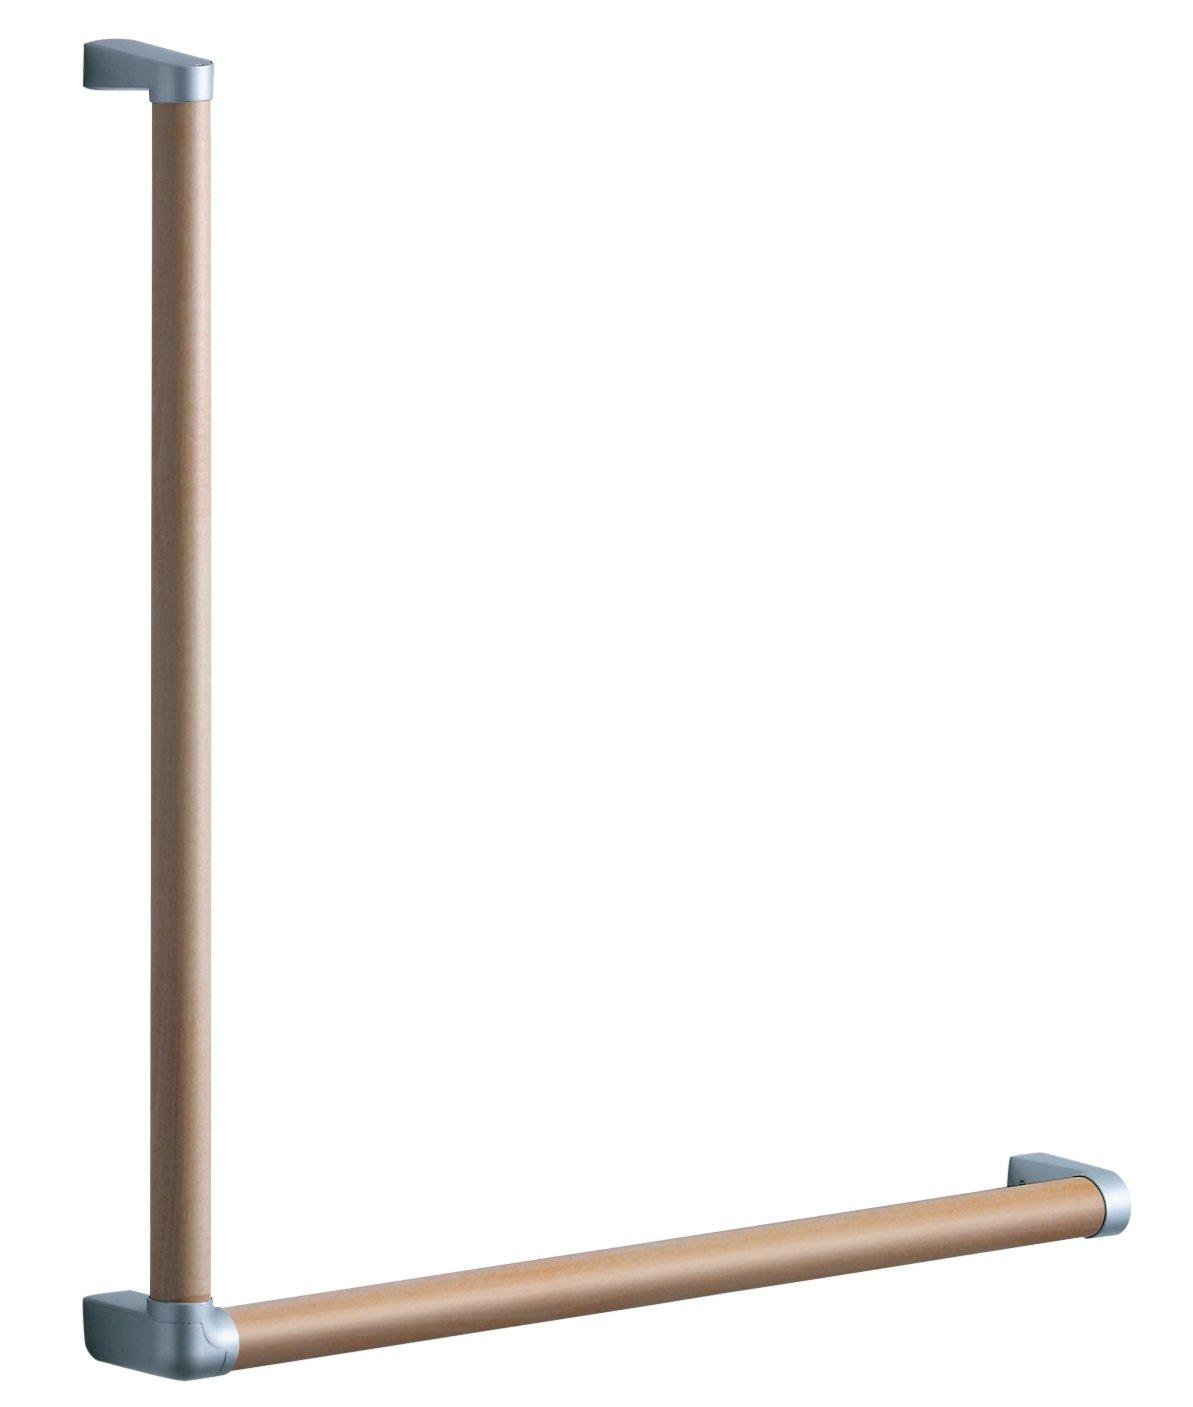 TOTO 天然木手すり 61シリーズ (Lタイプ) 61.7×61.7cm ミルベージュ YHB601LA#MLW B06XPFXJ1X  ミルベージュ